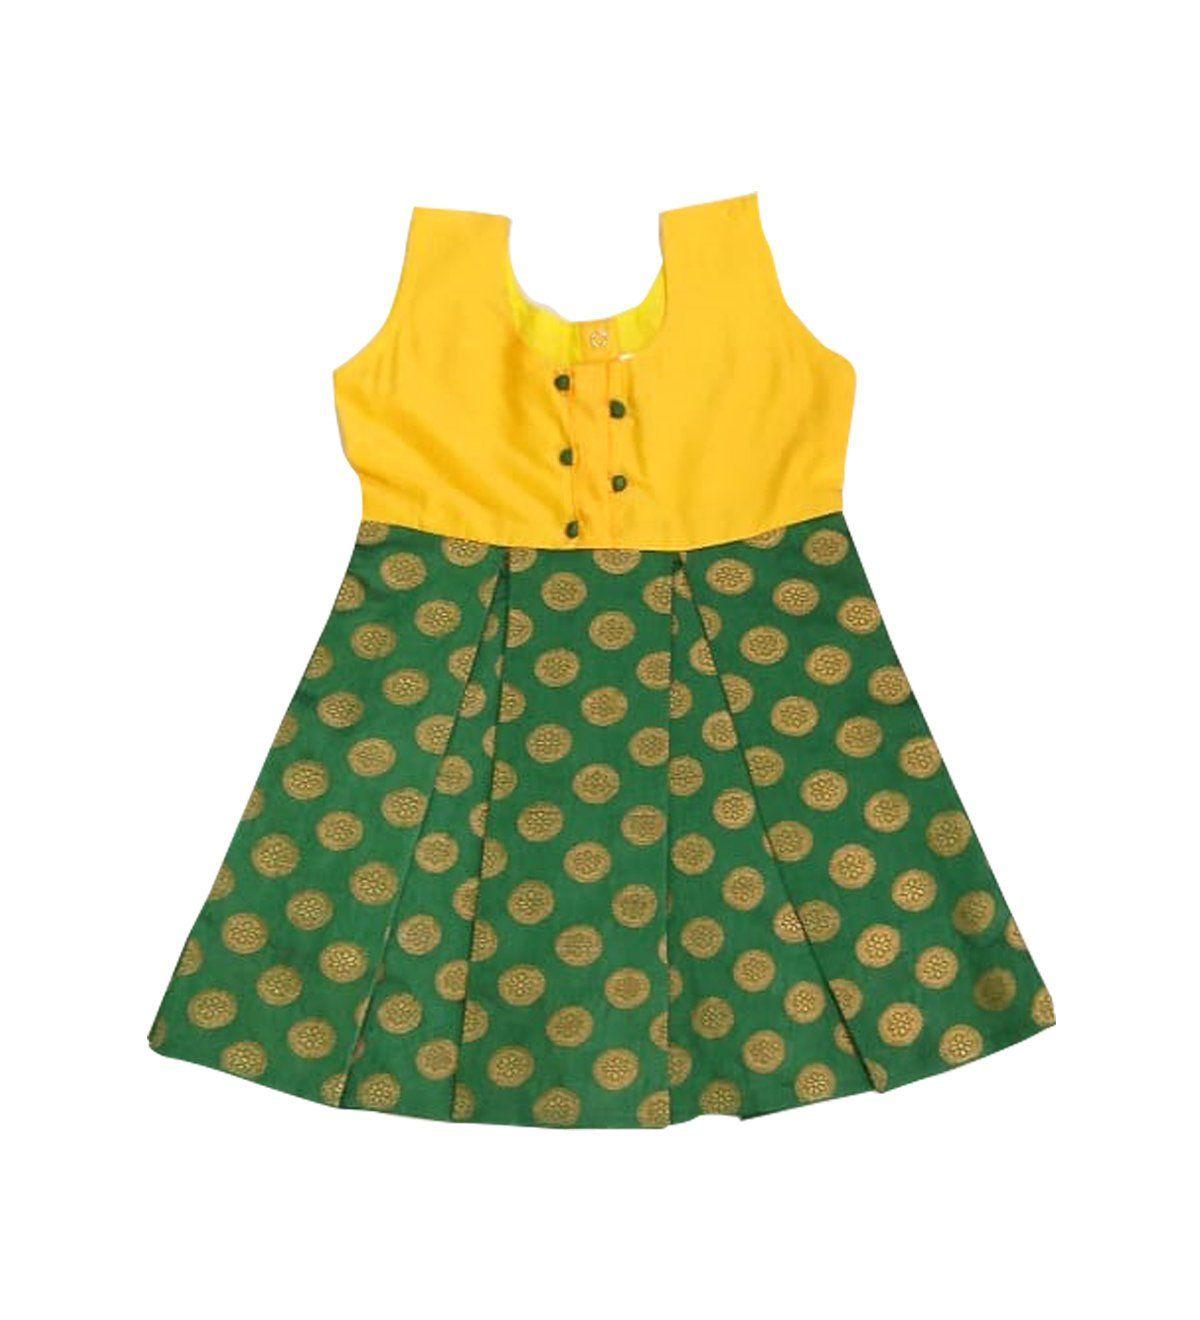 Pattu Pavadai New Born Baby Girl S Kids Banarasi Frock Yellow And Green 3 6 Months Pattupavadai Kids Gown Baby Girl Dress Patterns Kids Frocks Design